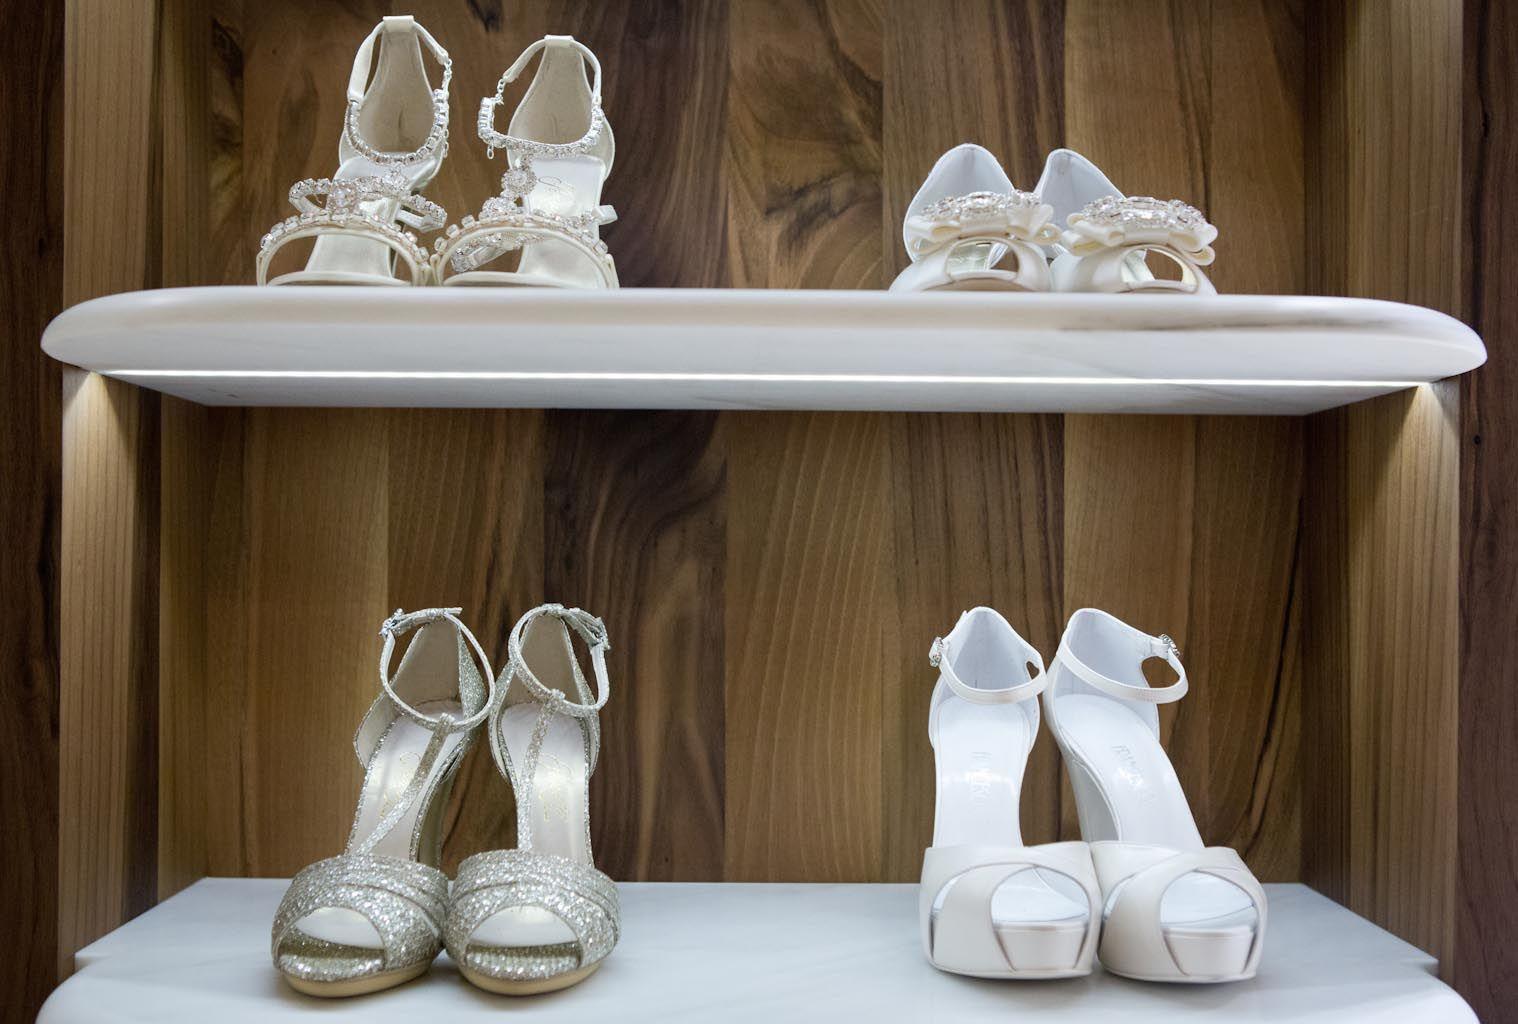 Scarpe Da Sposa Torino.White Le Spose Torino Abiti Da Sposa Calzature Scarpe Spose